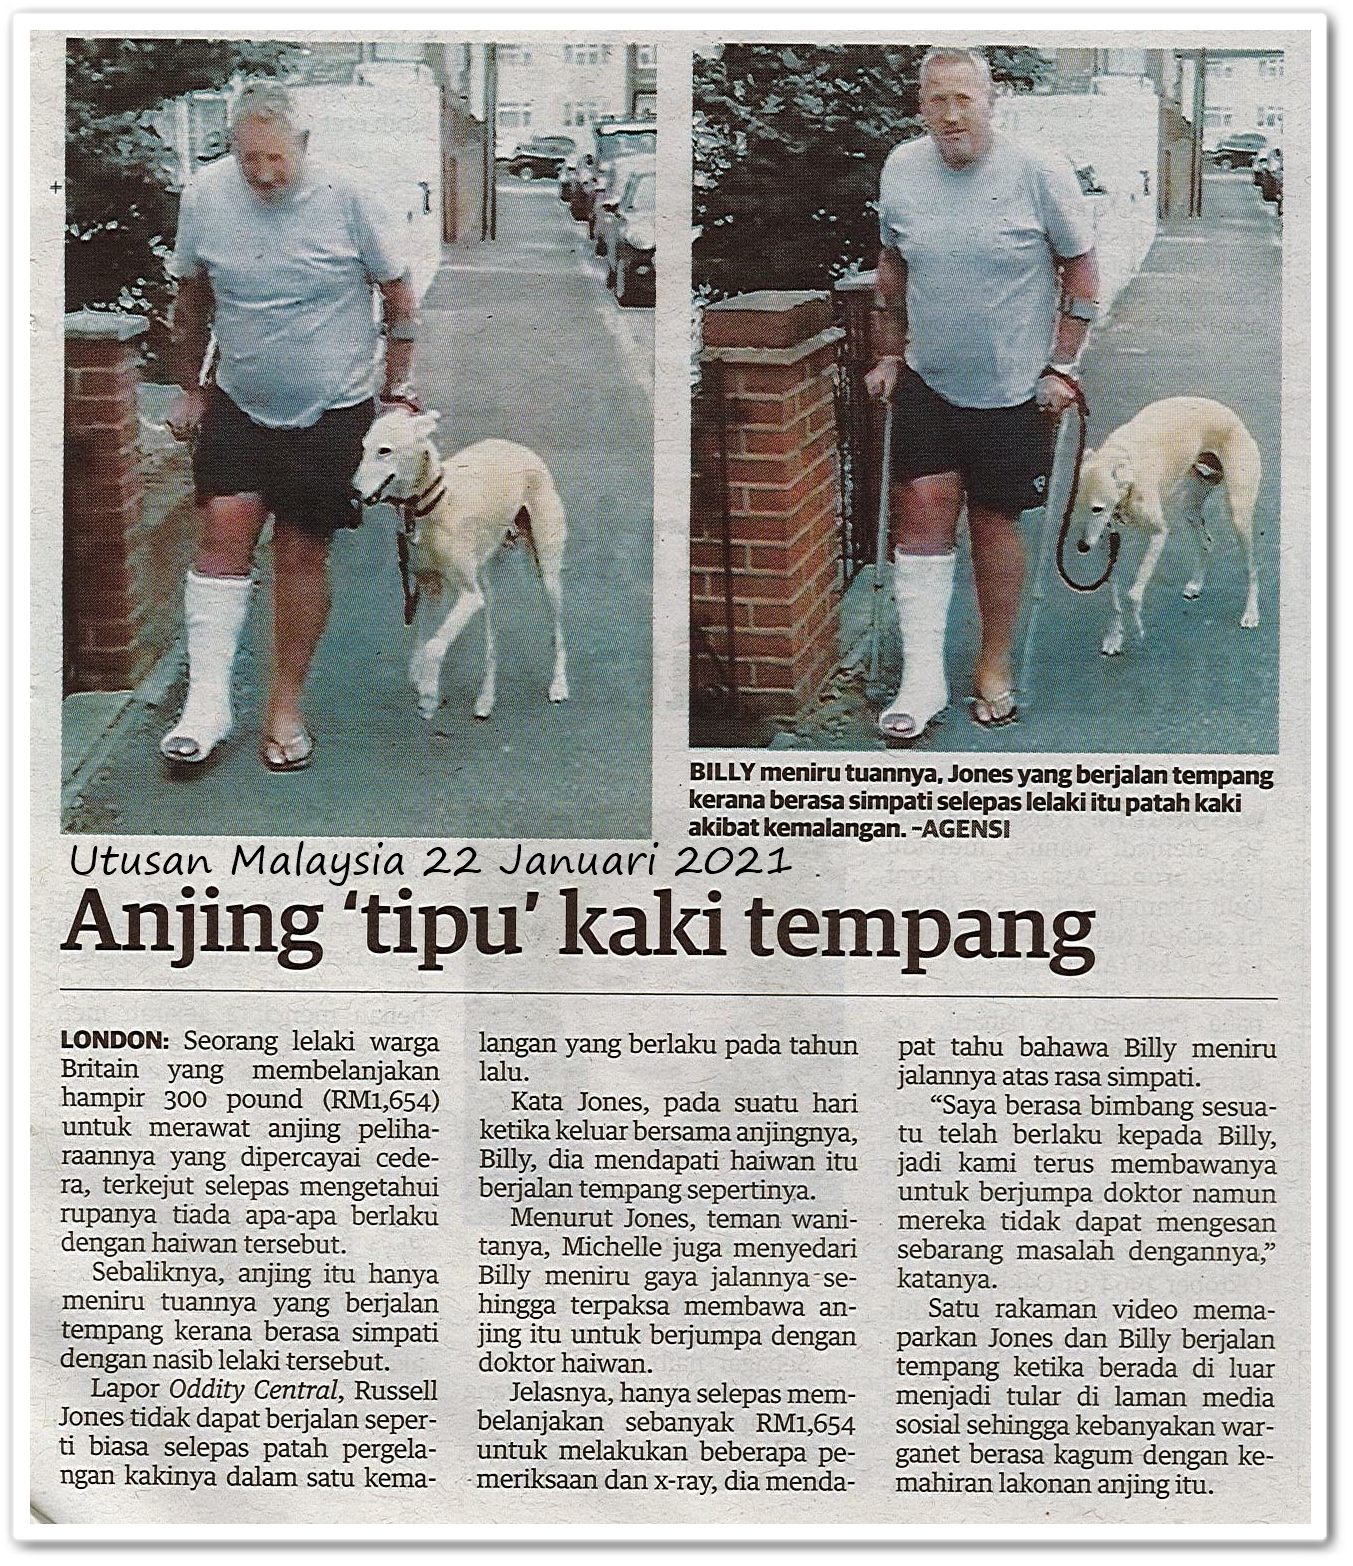 Anjing 'tipu' kaki tempang - Keratan akhbar Utusan Malaysia 22 Januari 2021